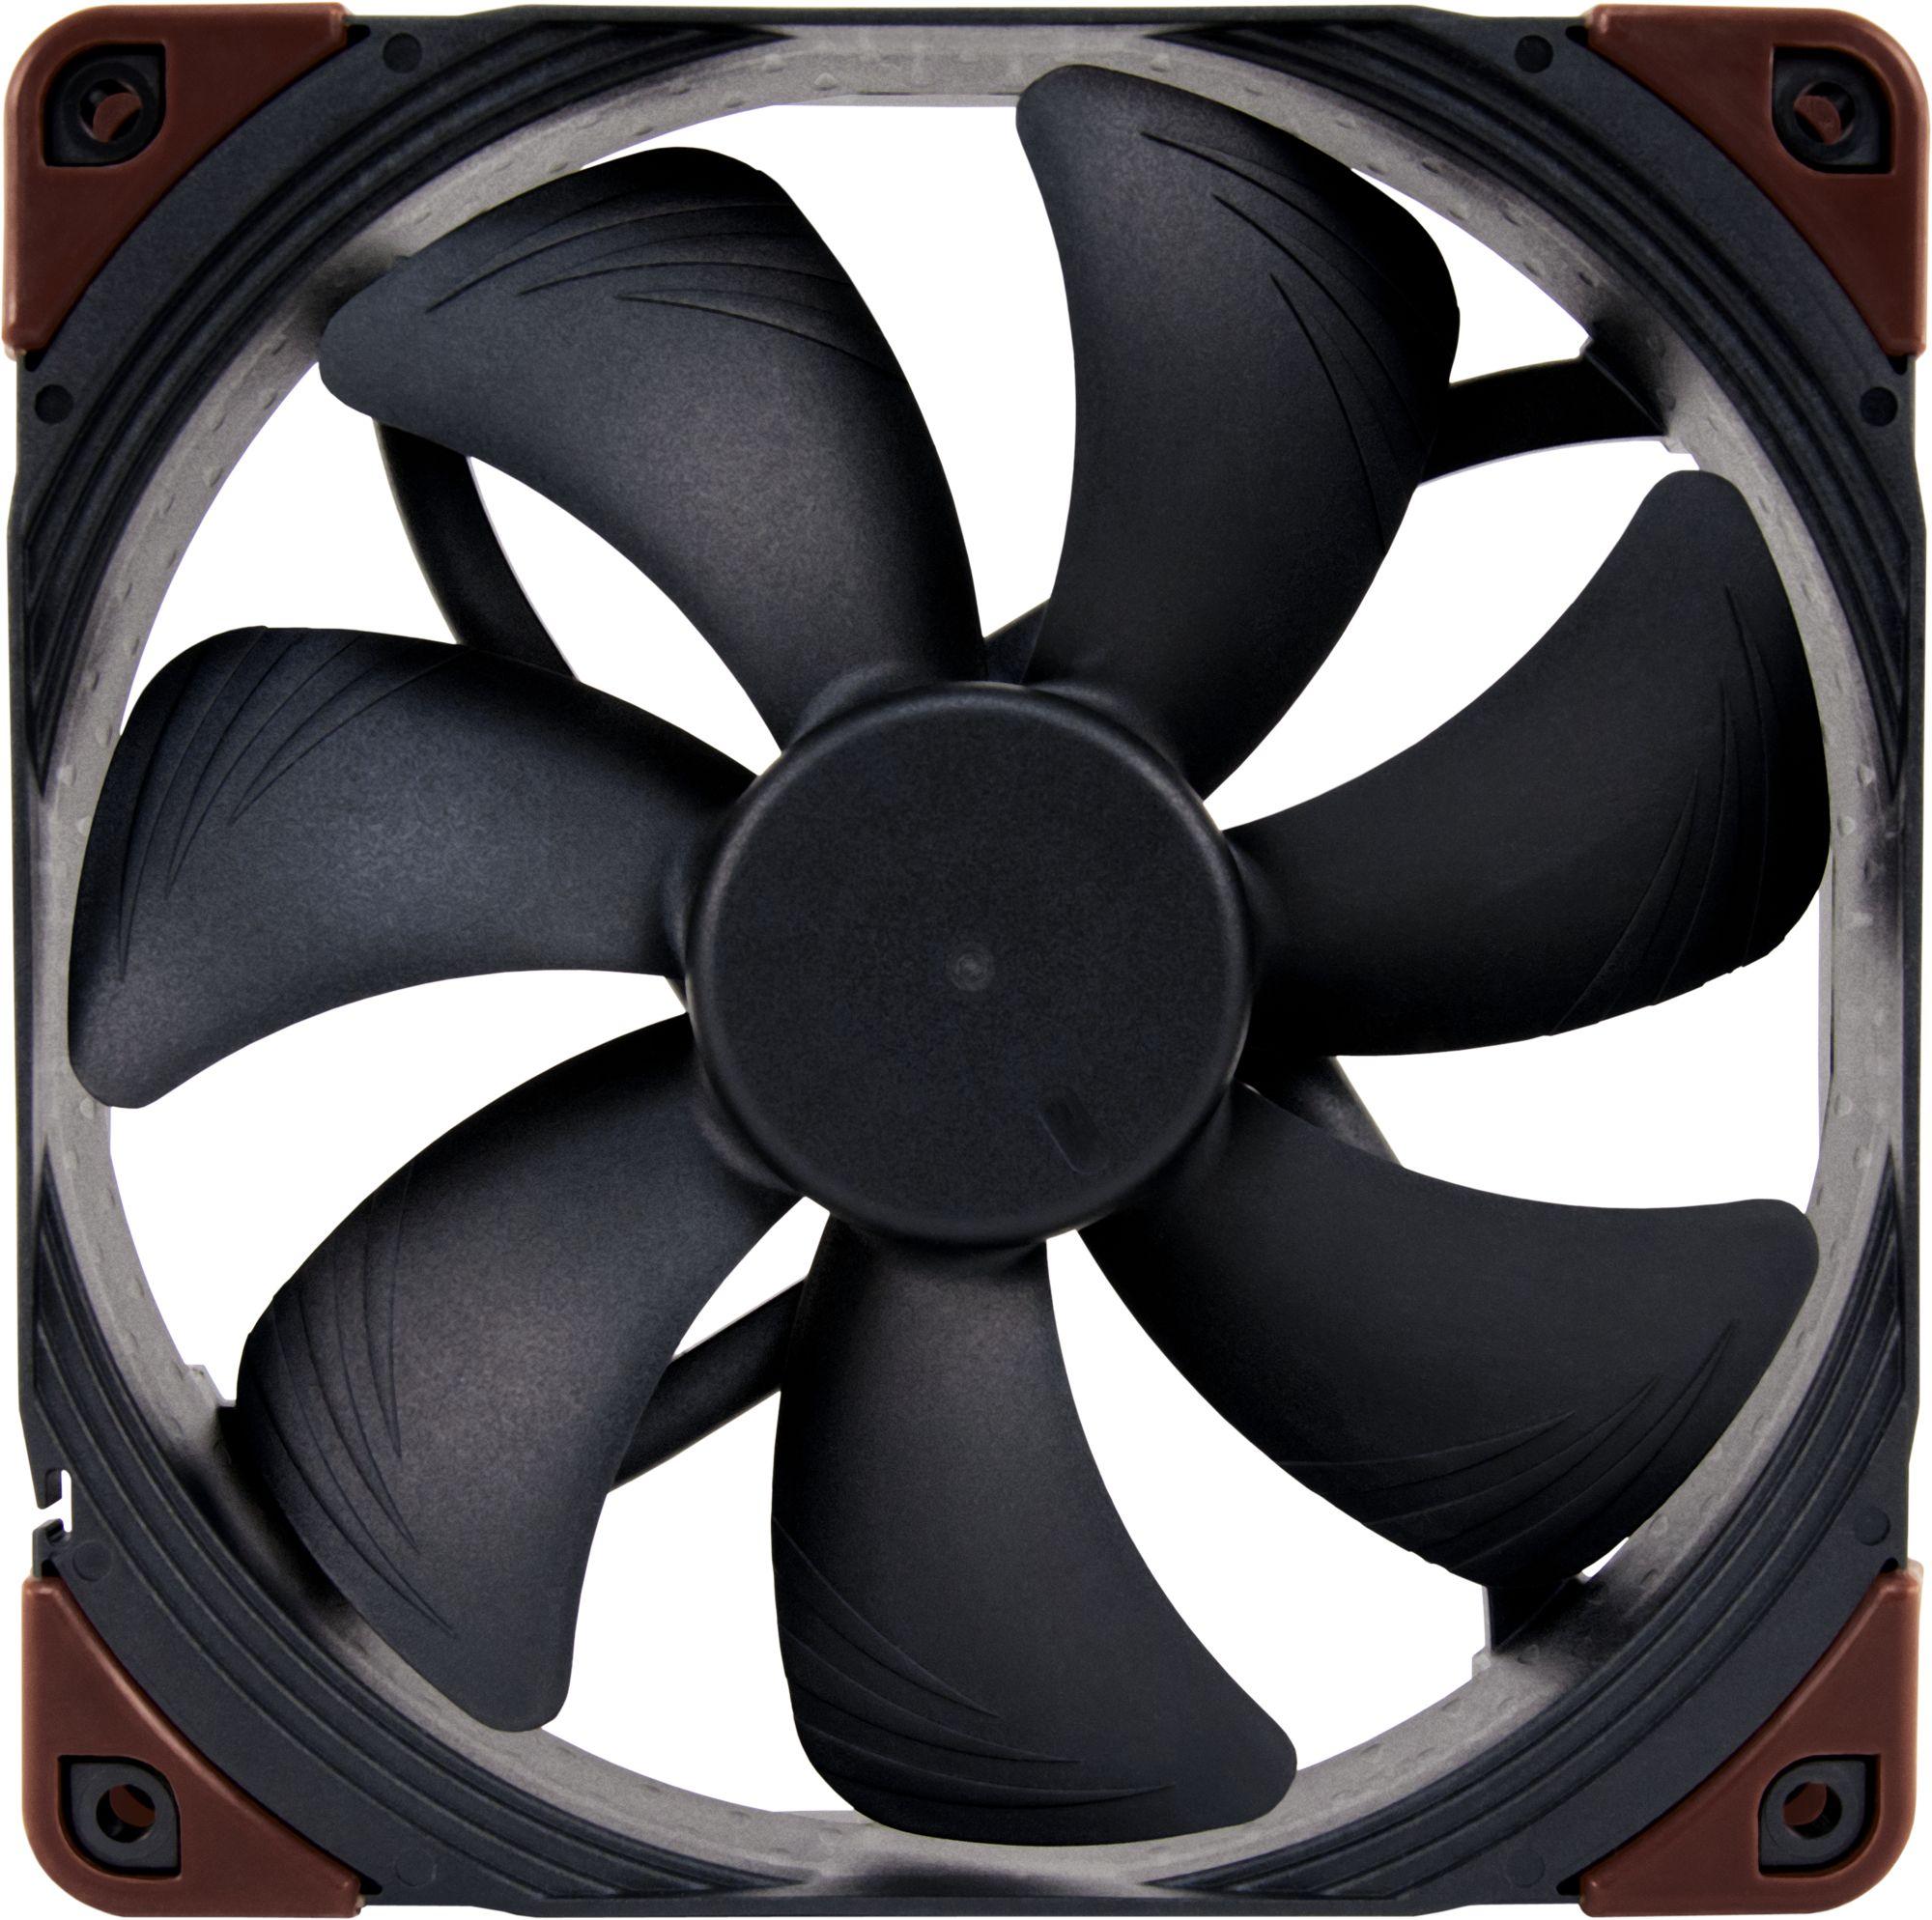 NF-A14 iPPC PWM 12V 3000RPM 140mm High Performance Fan